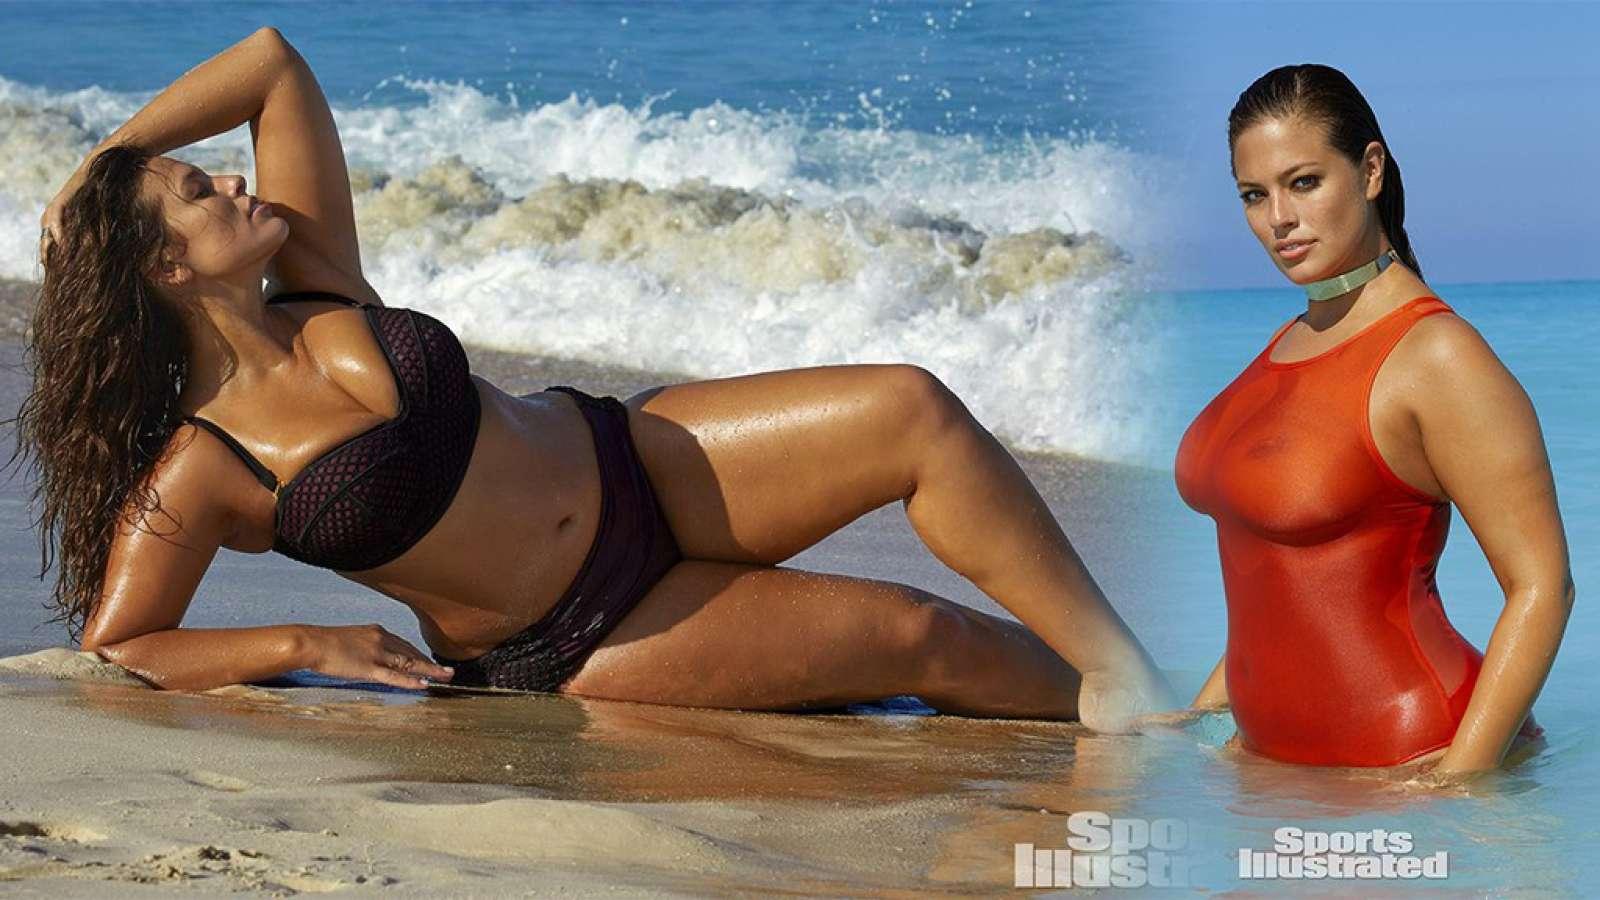 Costanza Caracciolo Nip Slip naked (71 photo), Hot Celebrity picture